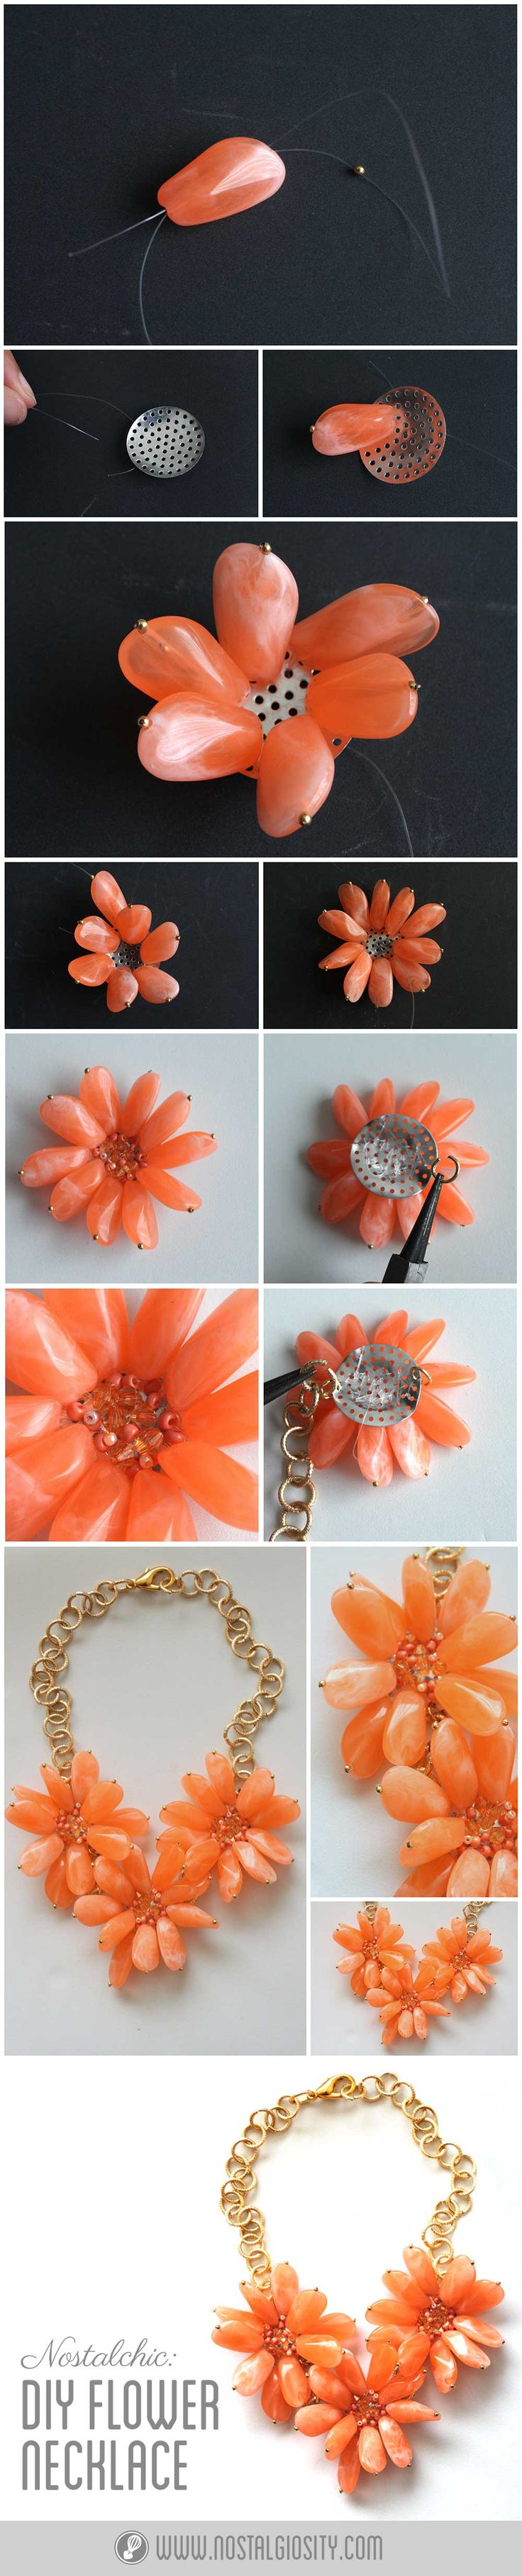 Nostalchic: DIY Flower Statement Necklace | Nostalgiosity - Nostalgia Meets Curiosity ❤